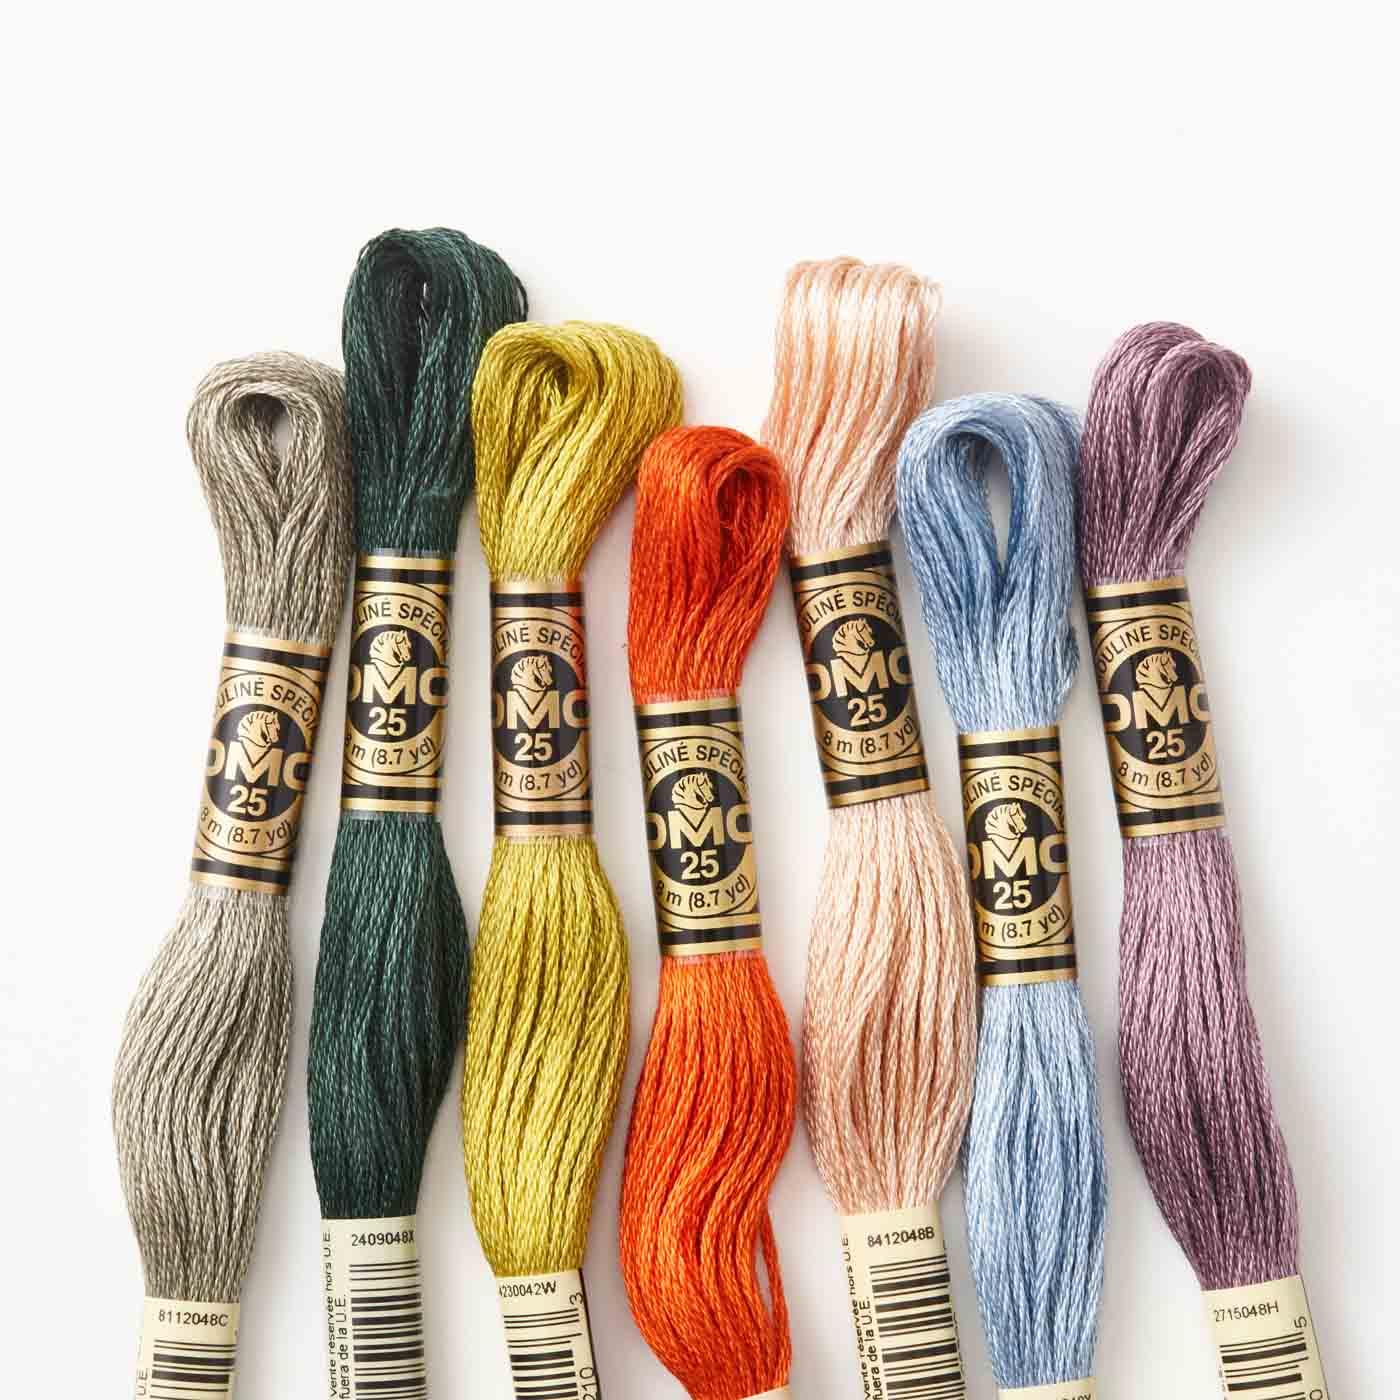 刺しゅう糸はDMCの25番糸です。(※写真の色がセットに含まれているとは限りません。)